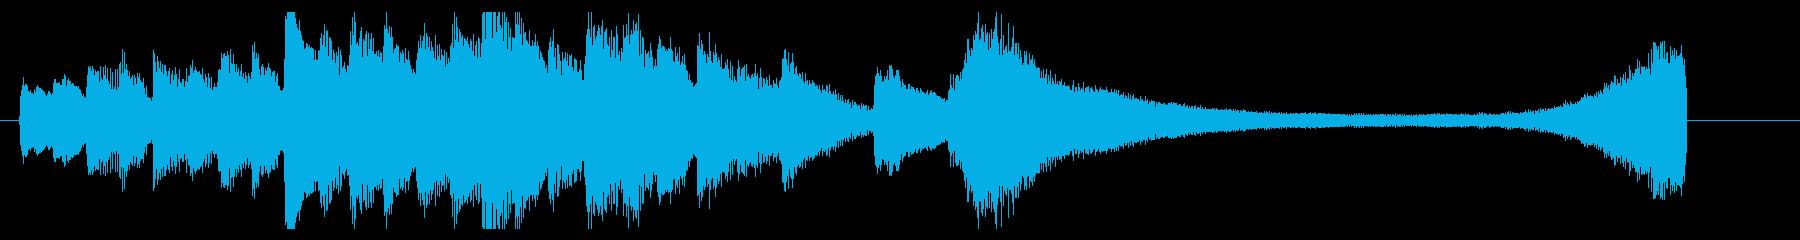 爽やかなピアノソロジングルの再生済みの波形